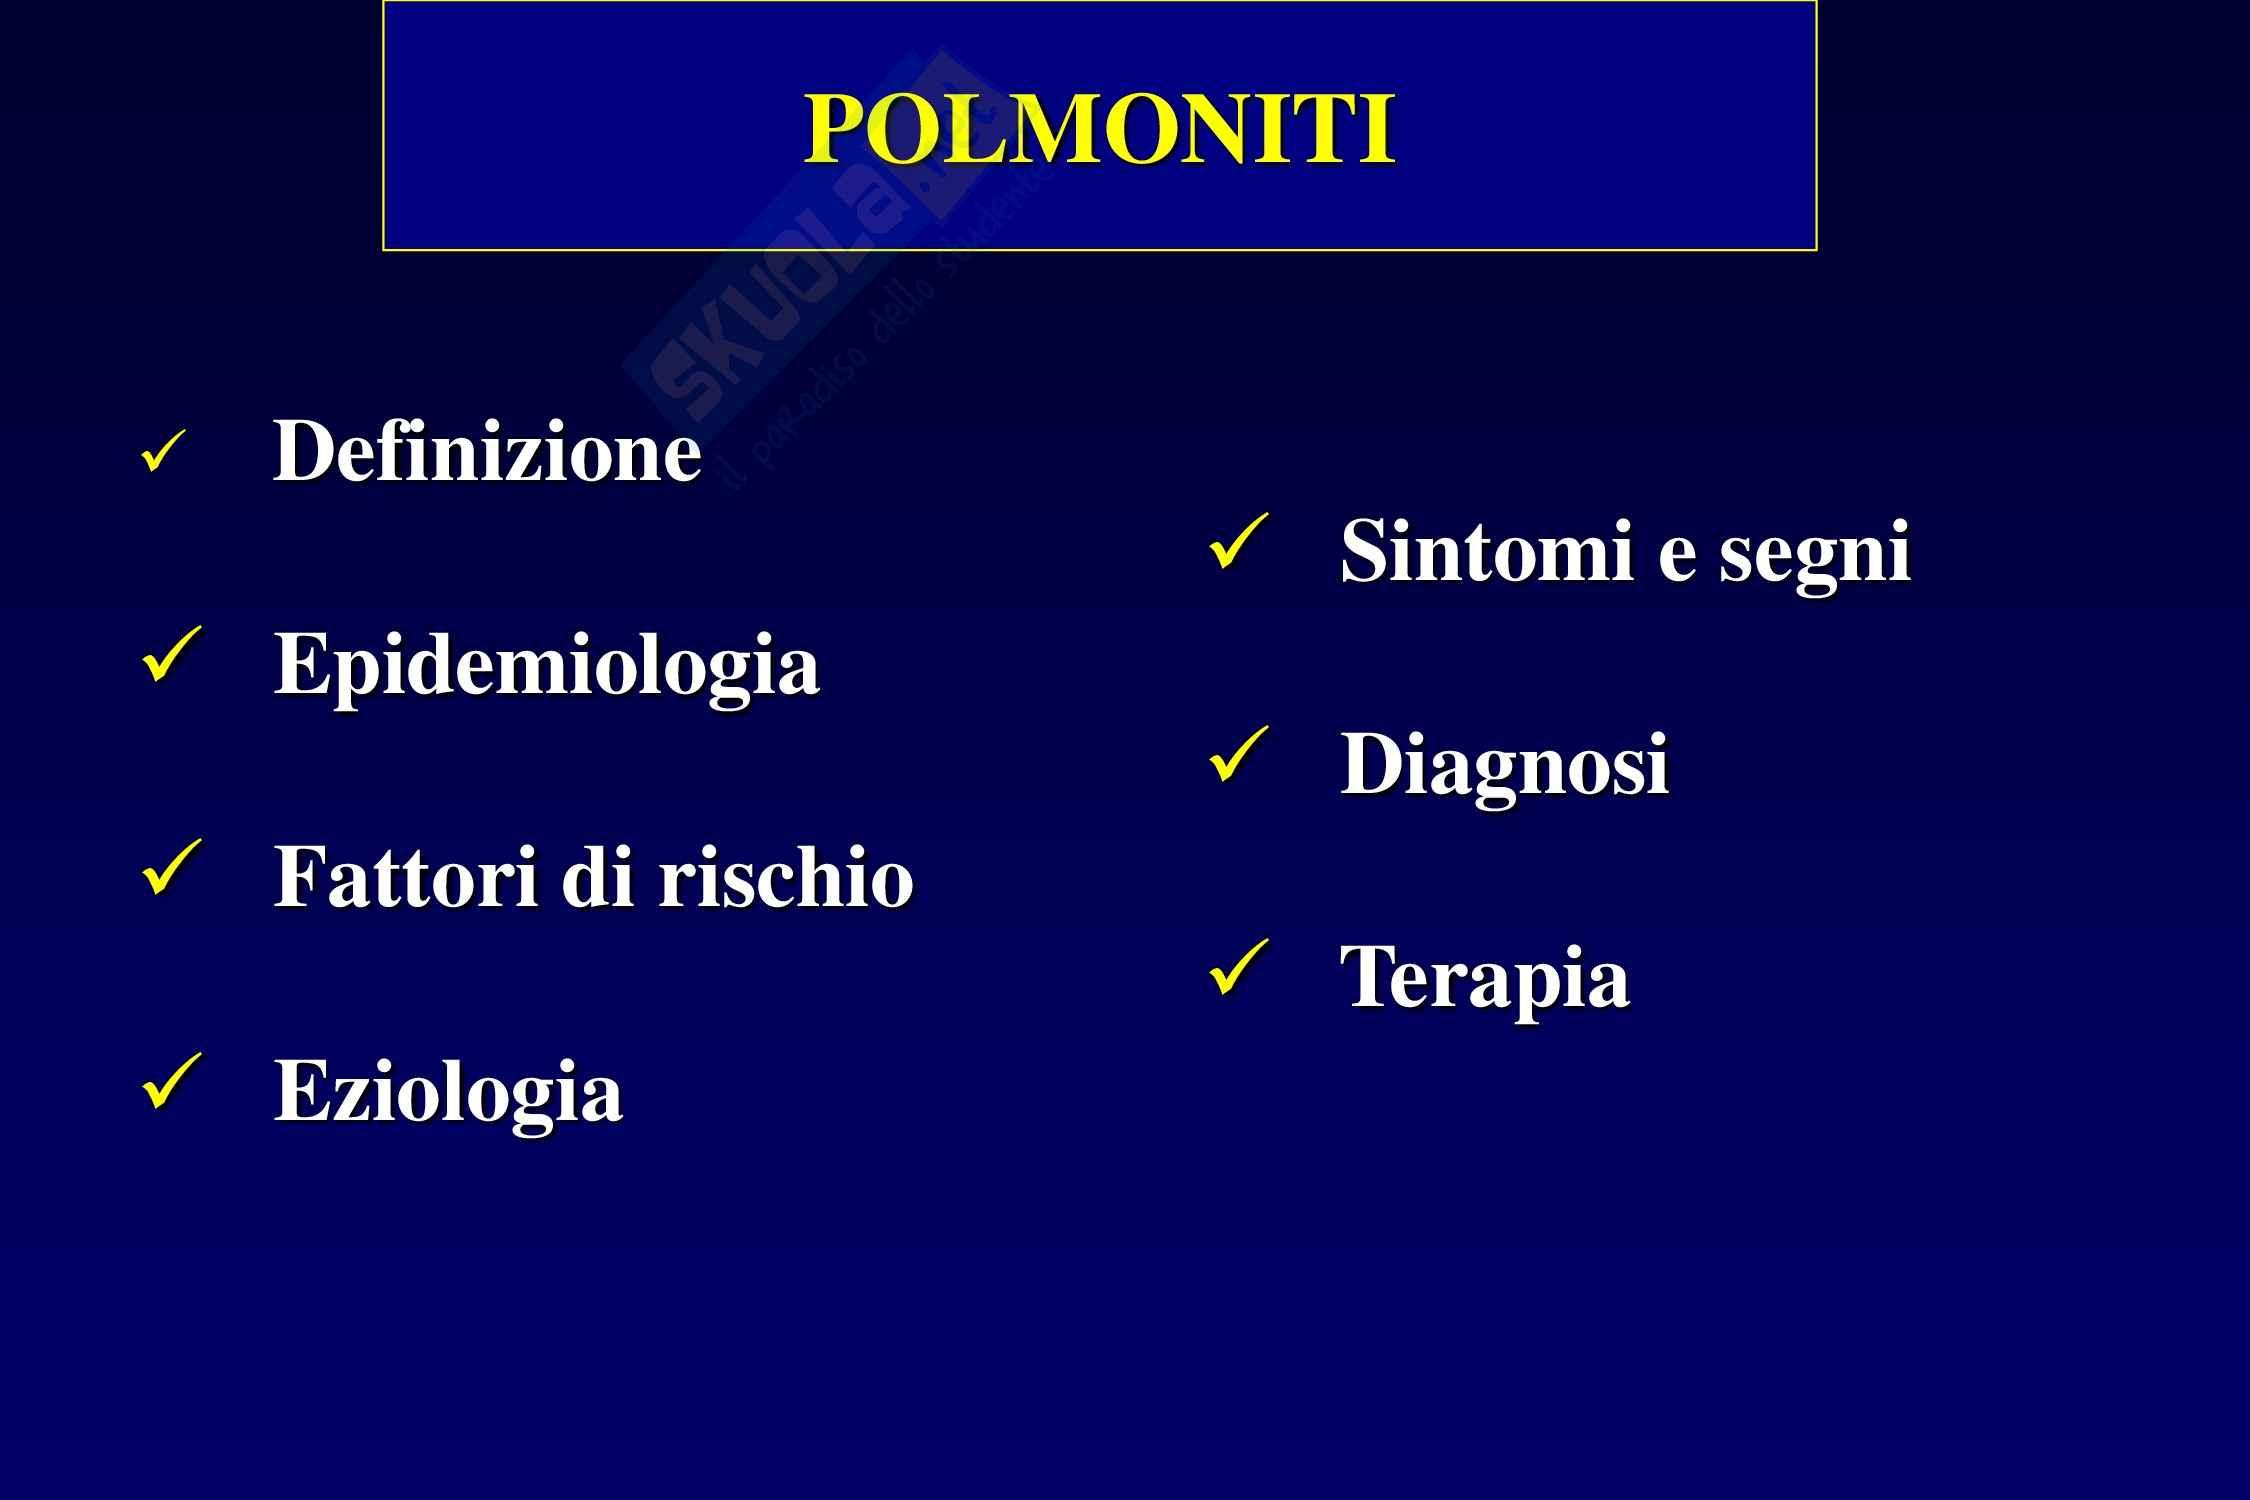 Polmoniti - Cause e fattori Pag. 6